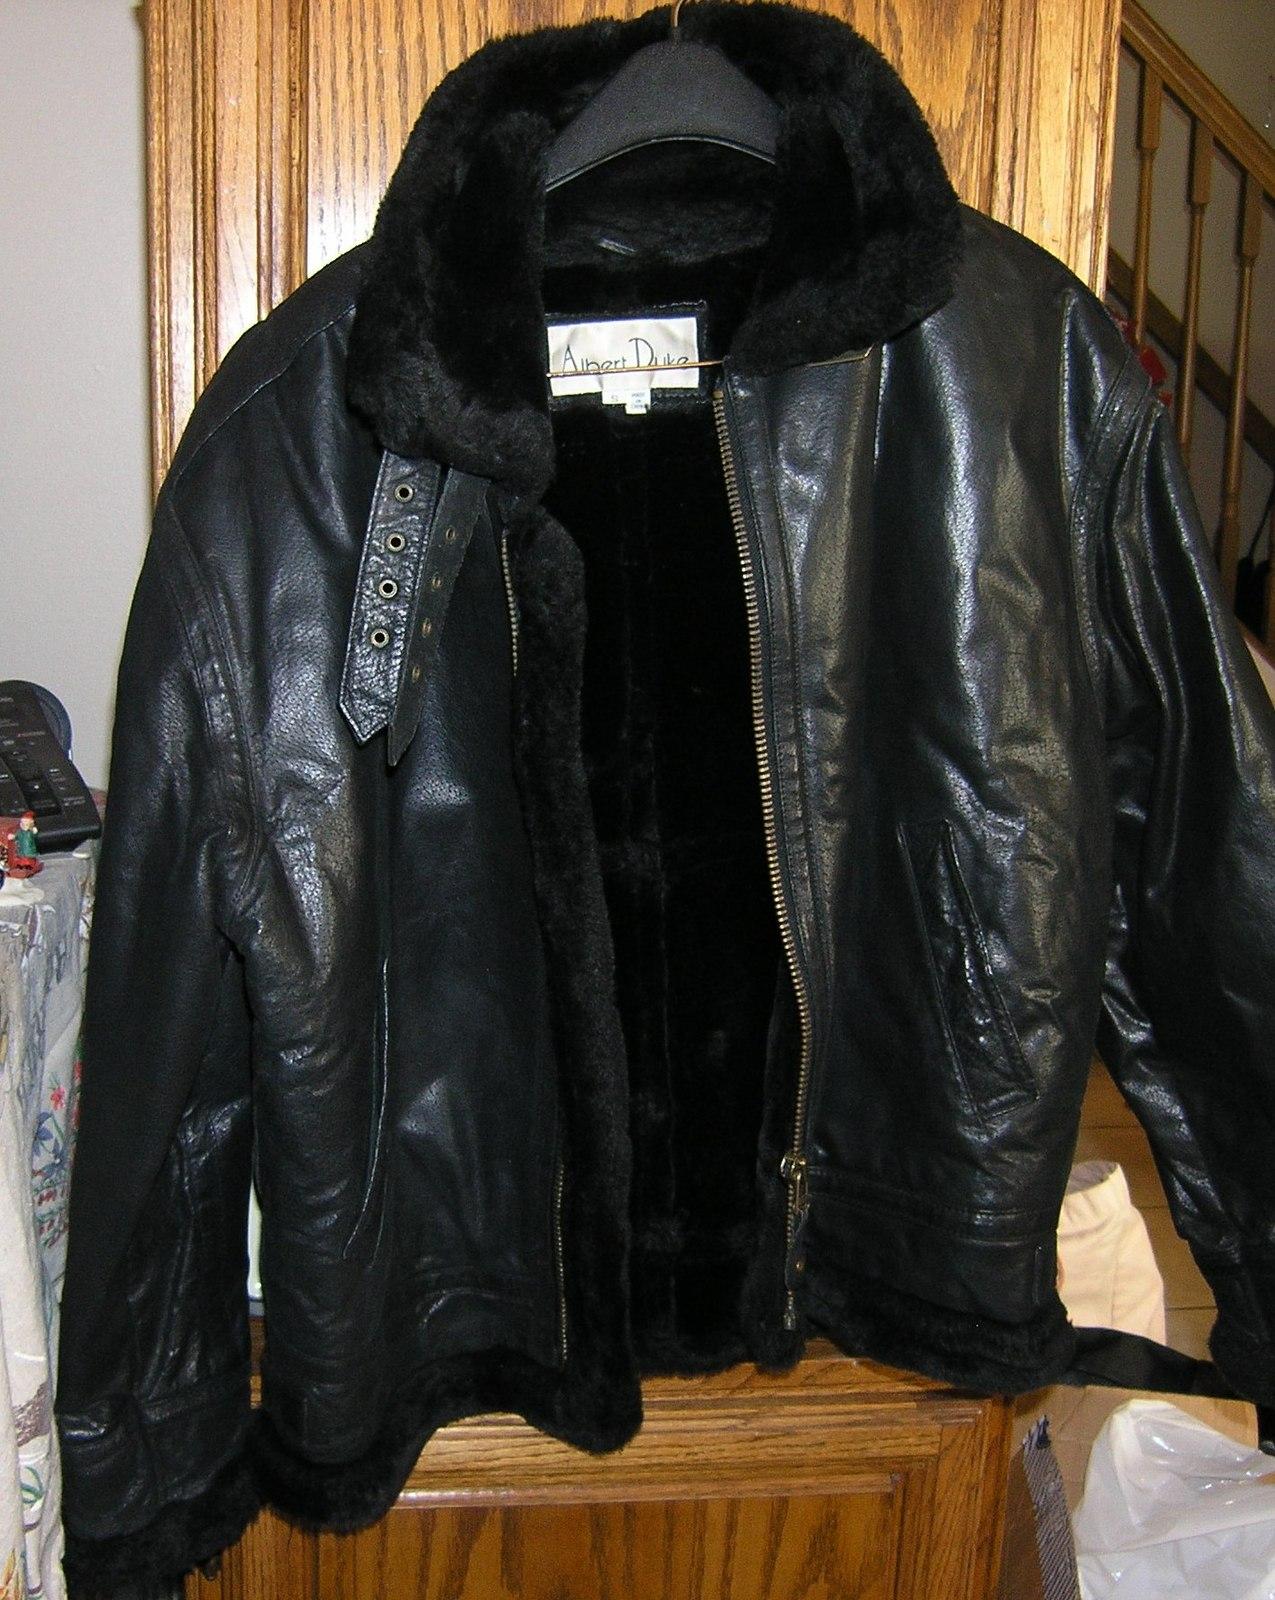 Duke leather jacket